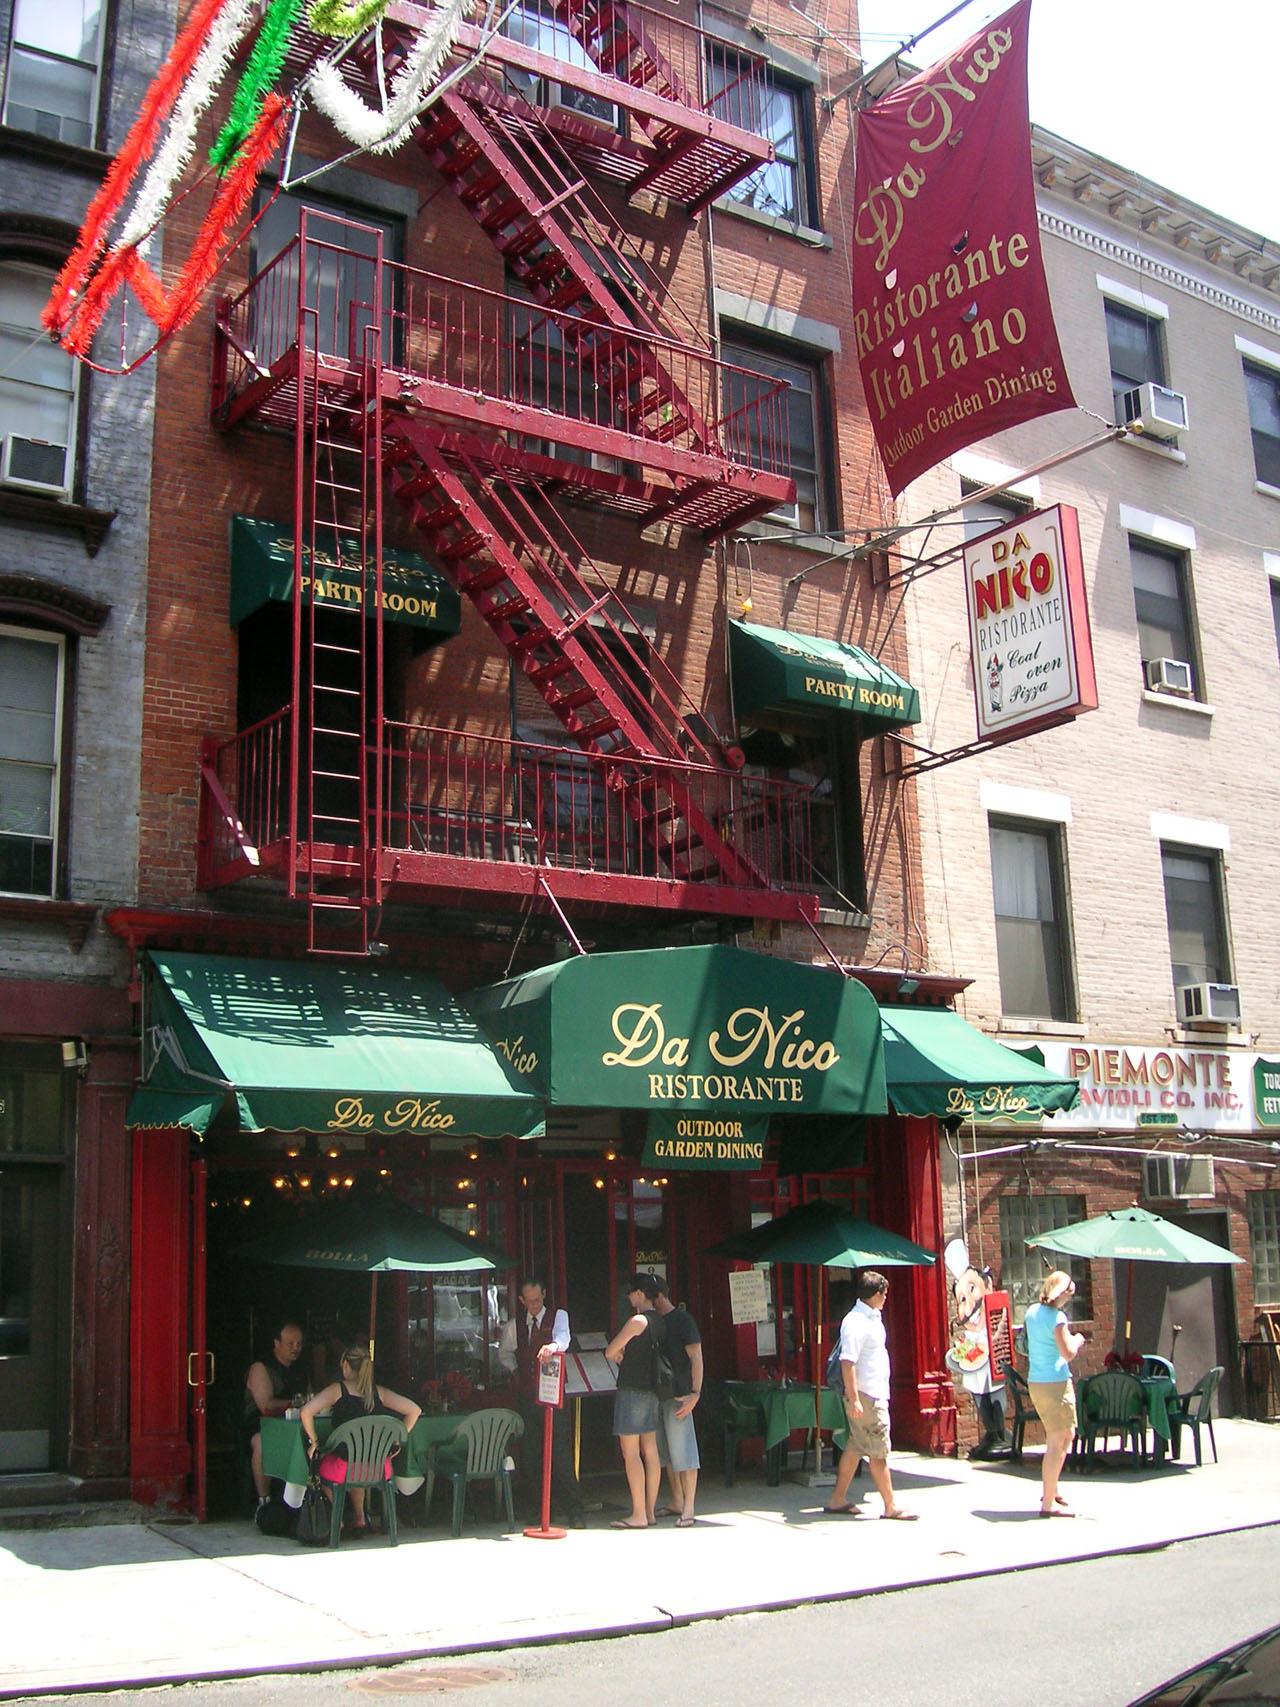 Golfreisen - New York City - Little Italy